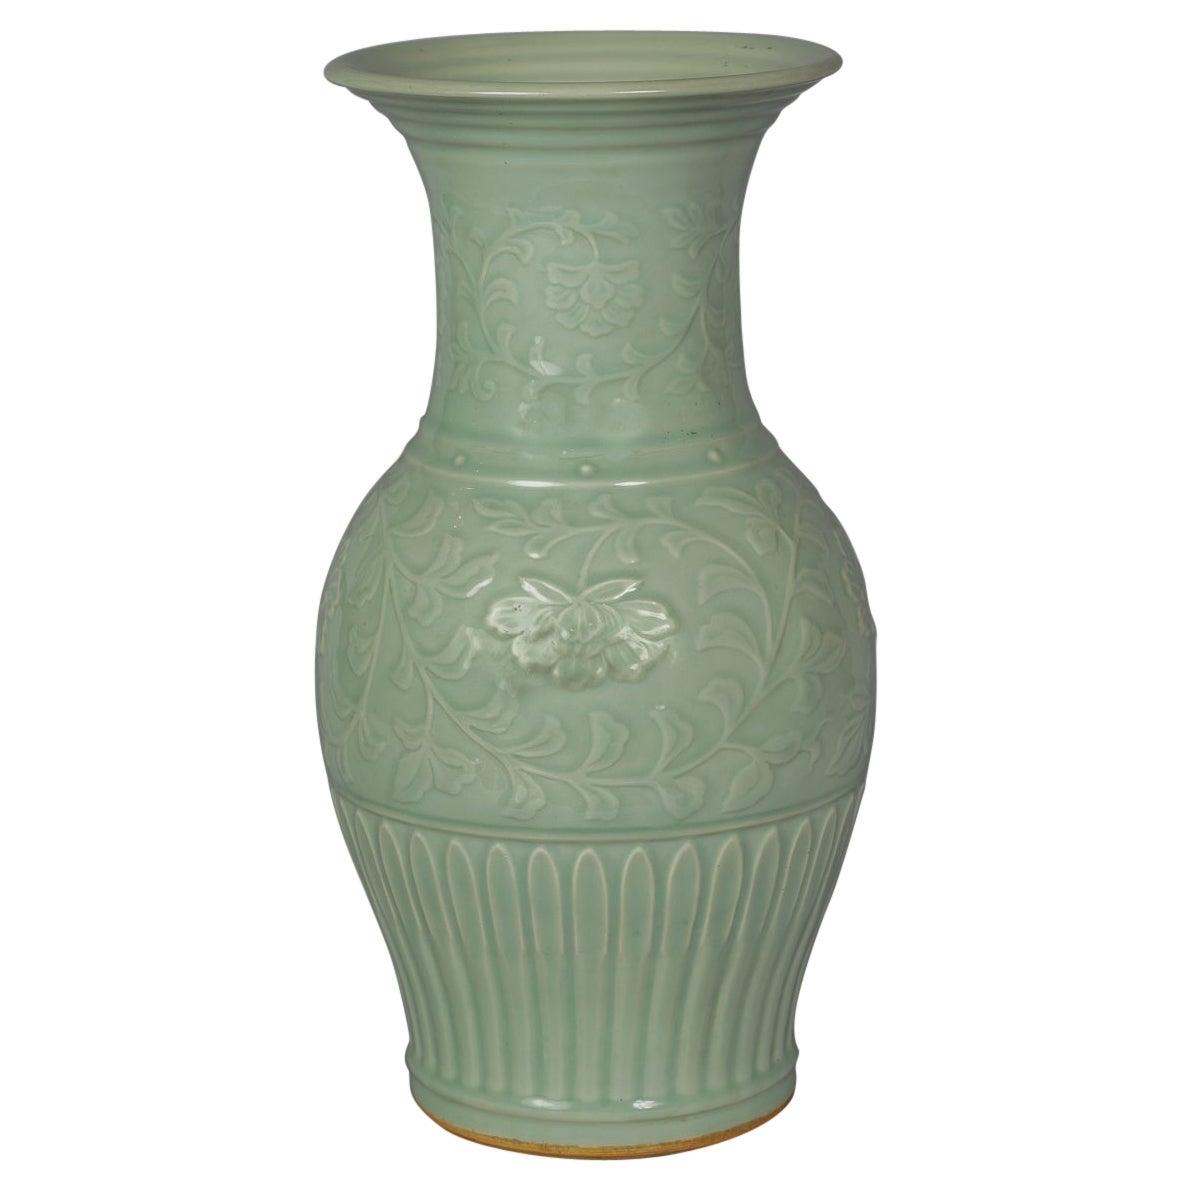 Large Chinese Porcelain Celadon Vase, Circa 1860